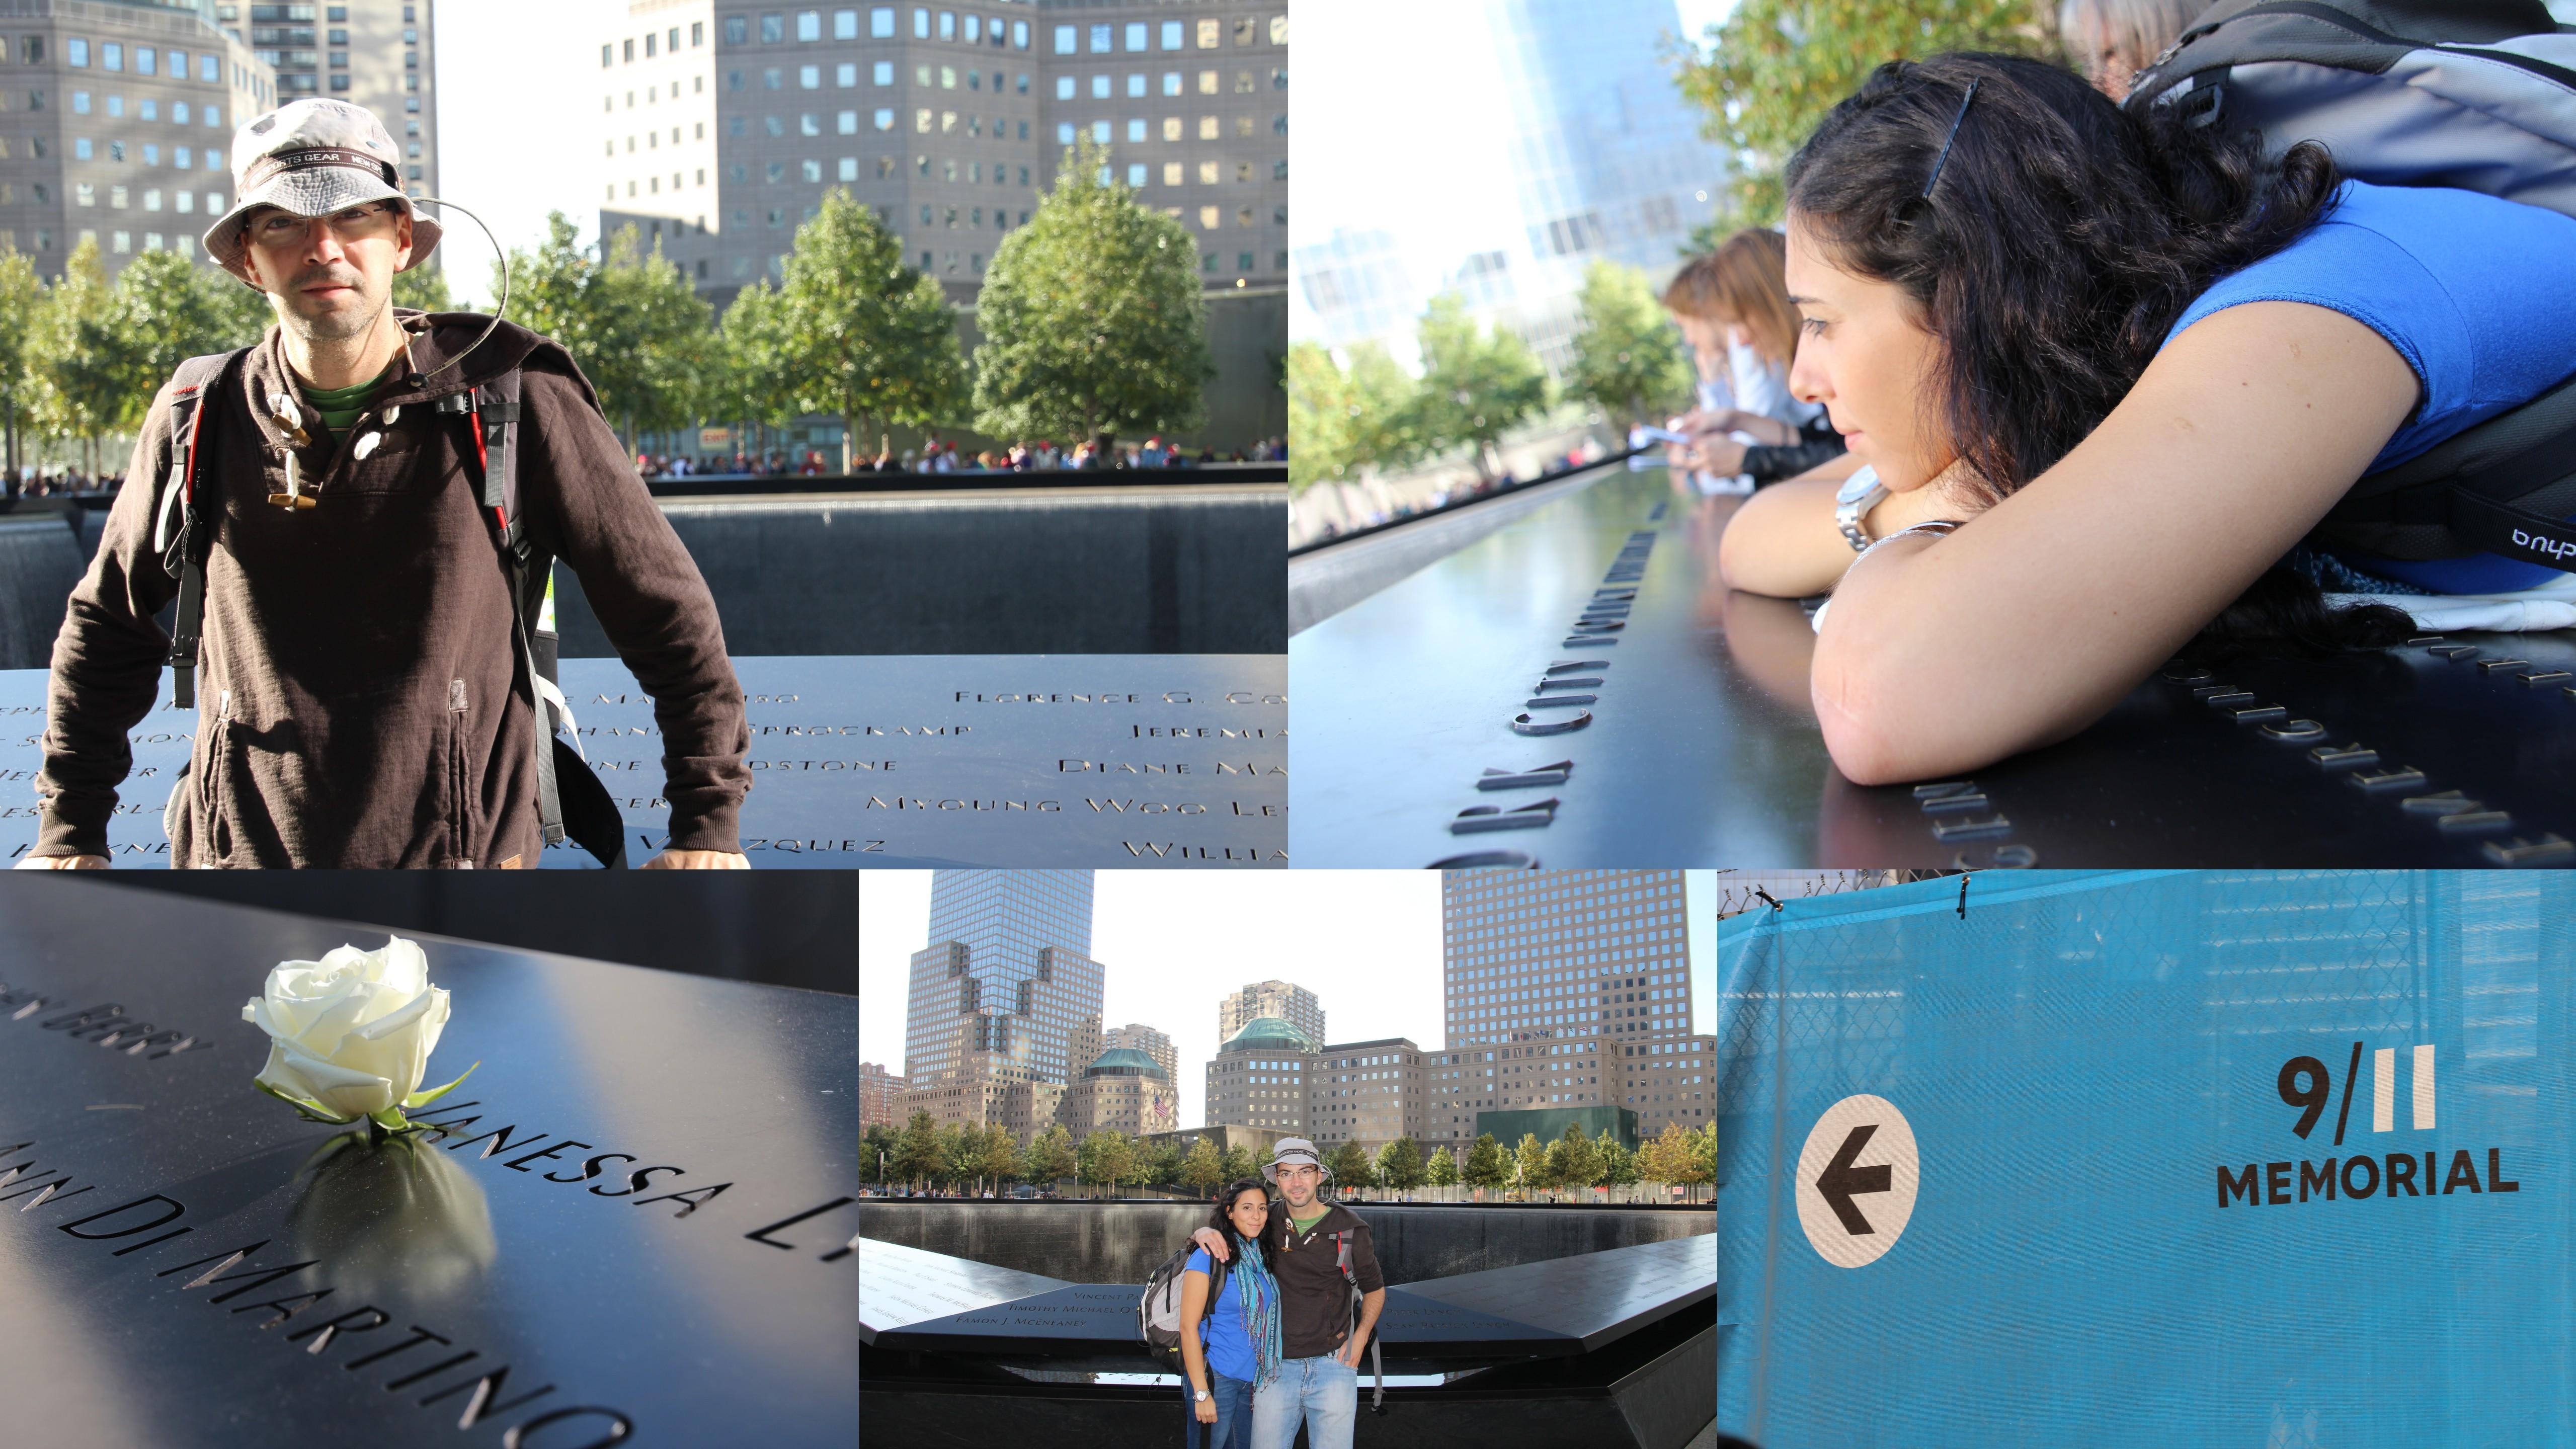 20131014 a 18 - Nova Iorque5